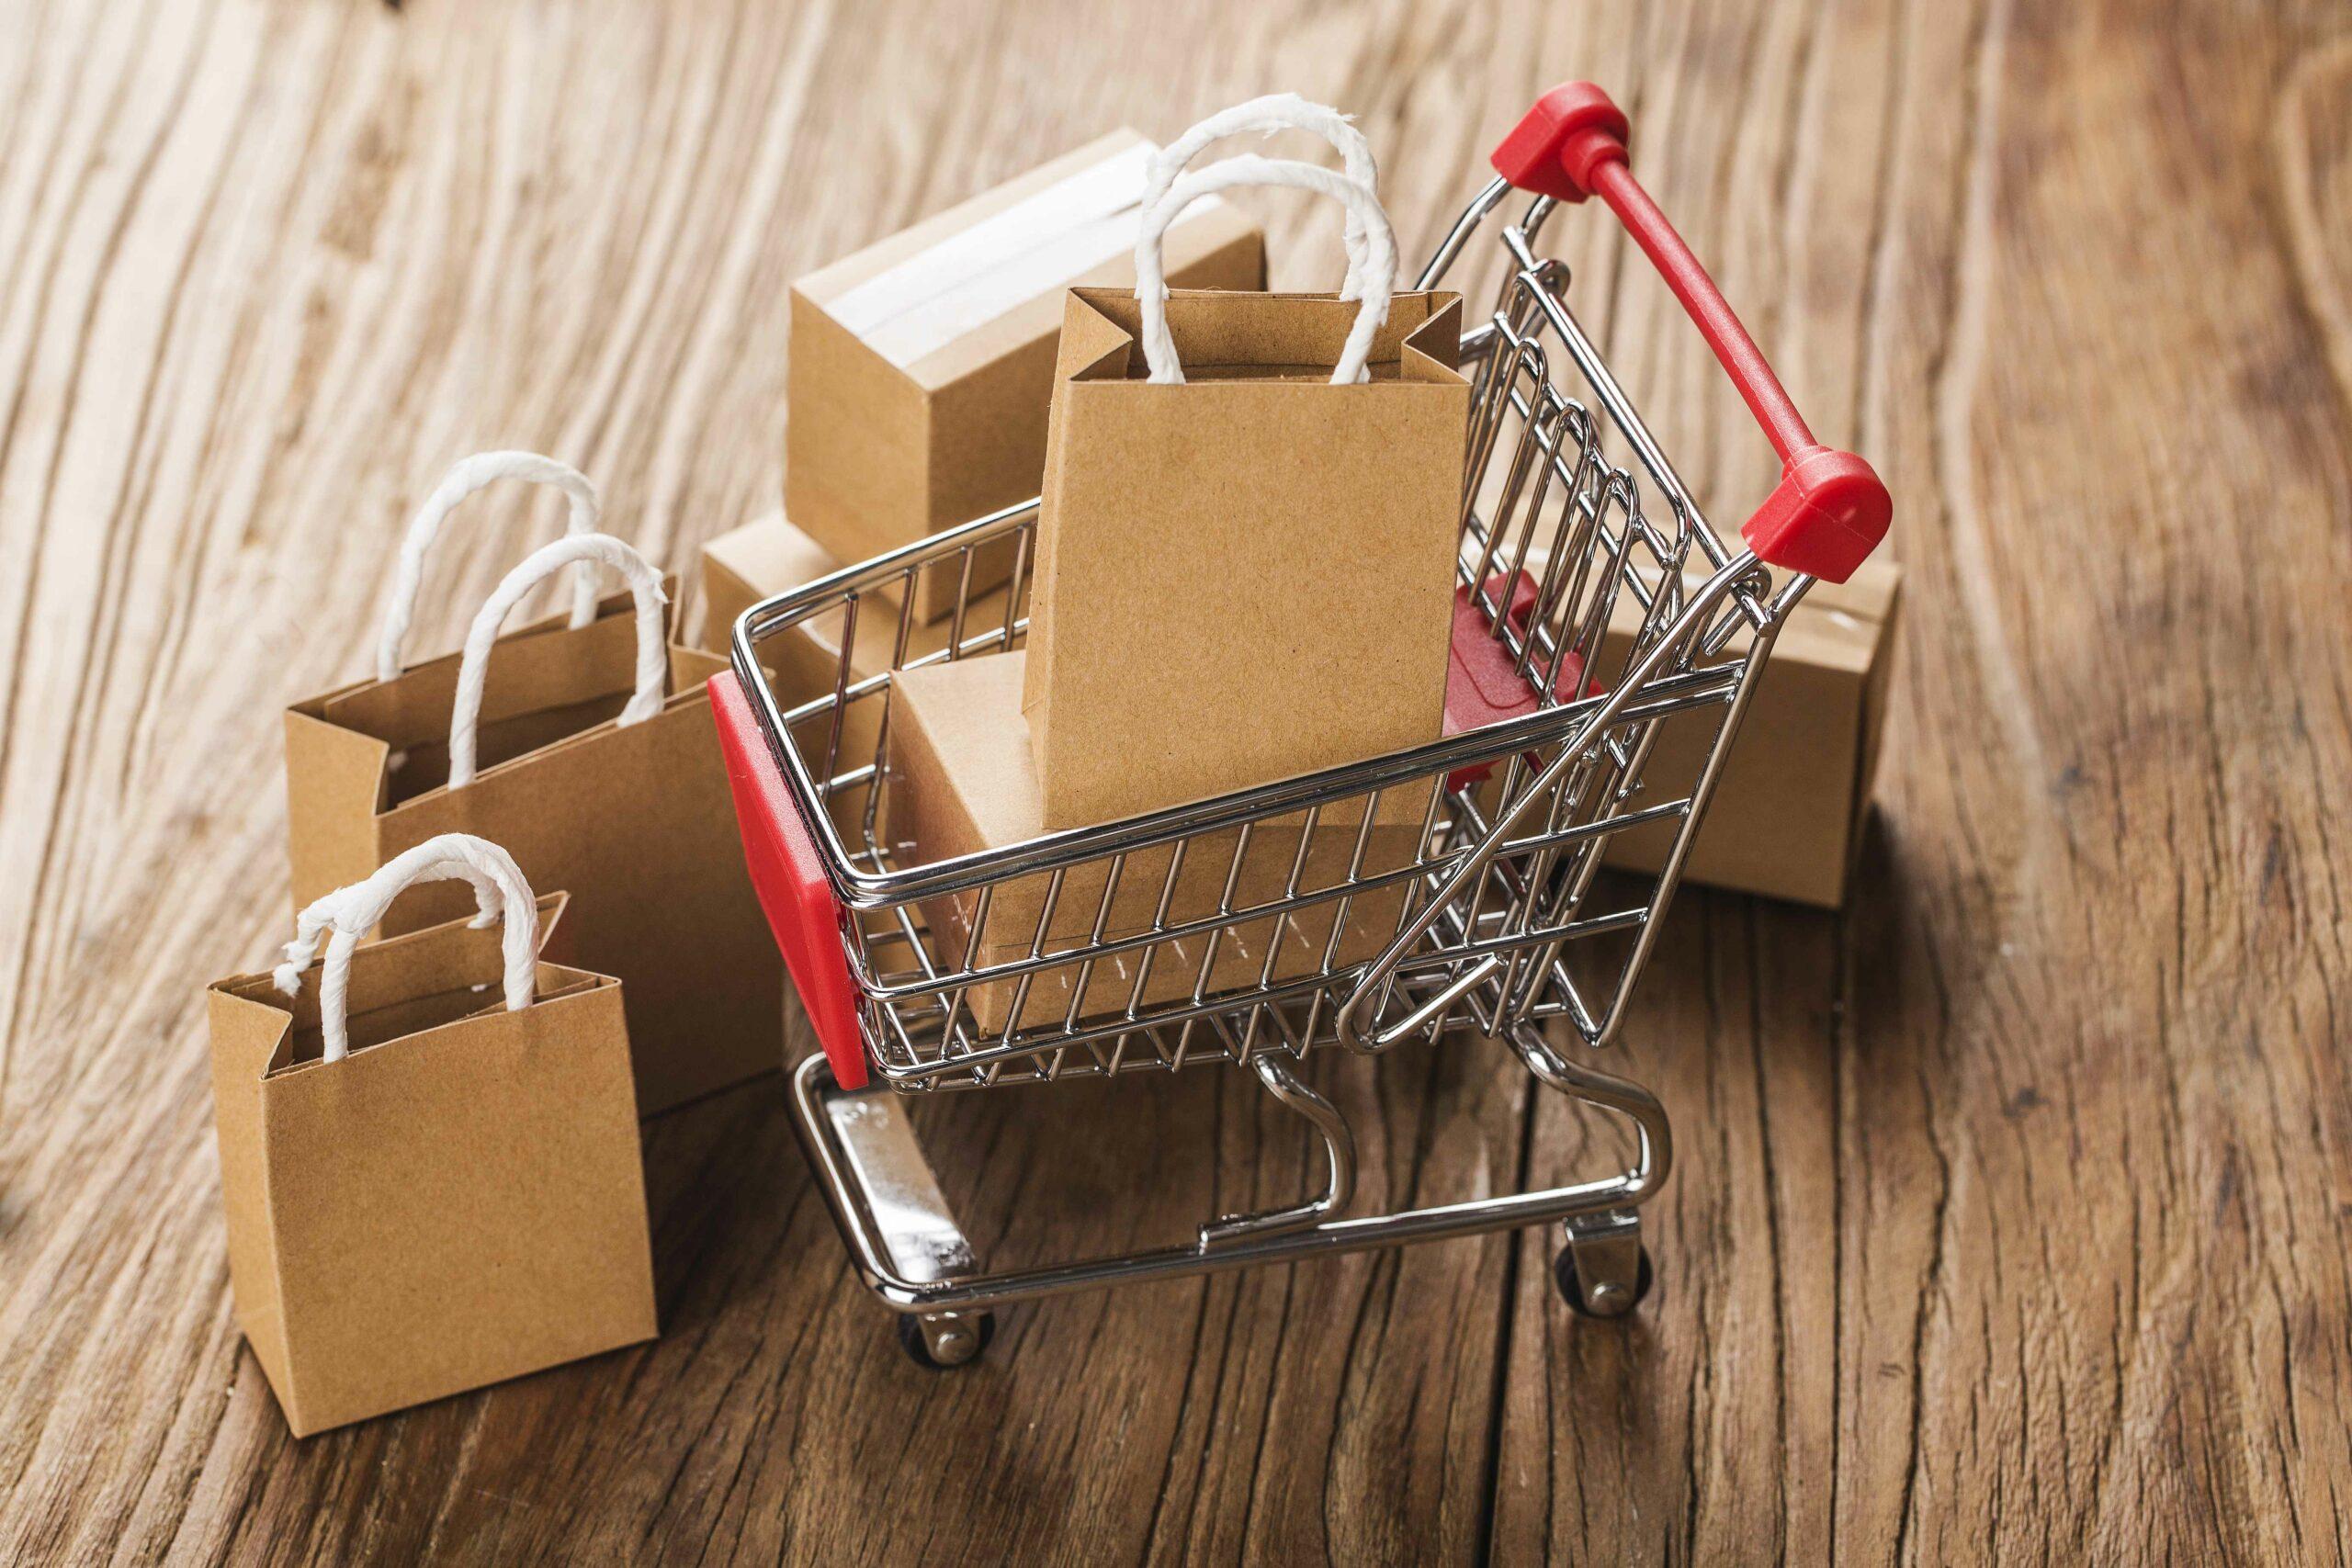 Czy warto wysyłać klientom towar za pobraniem? Wyjaśniamy!